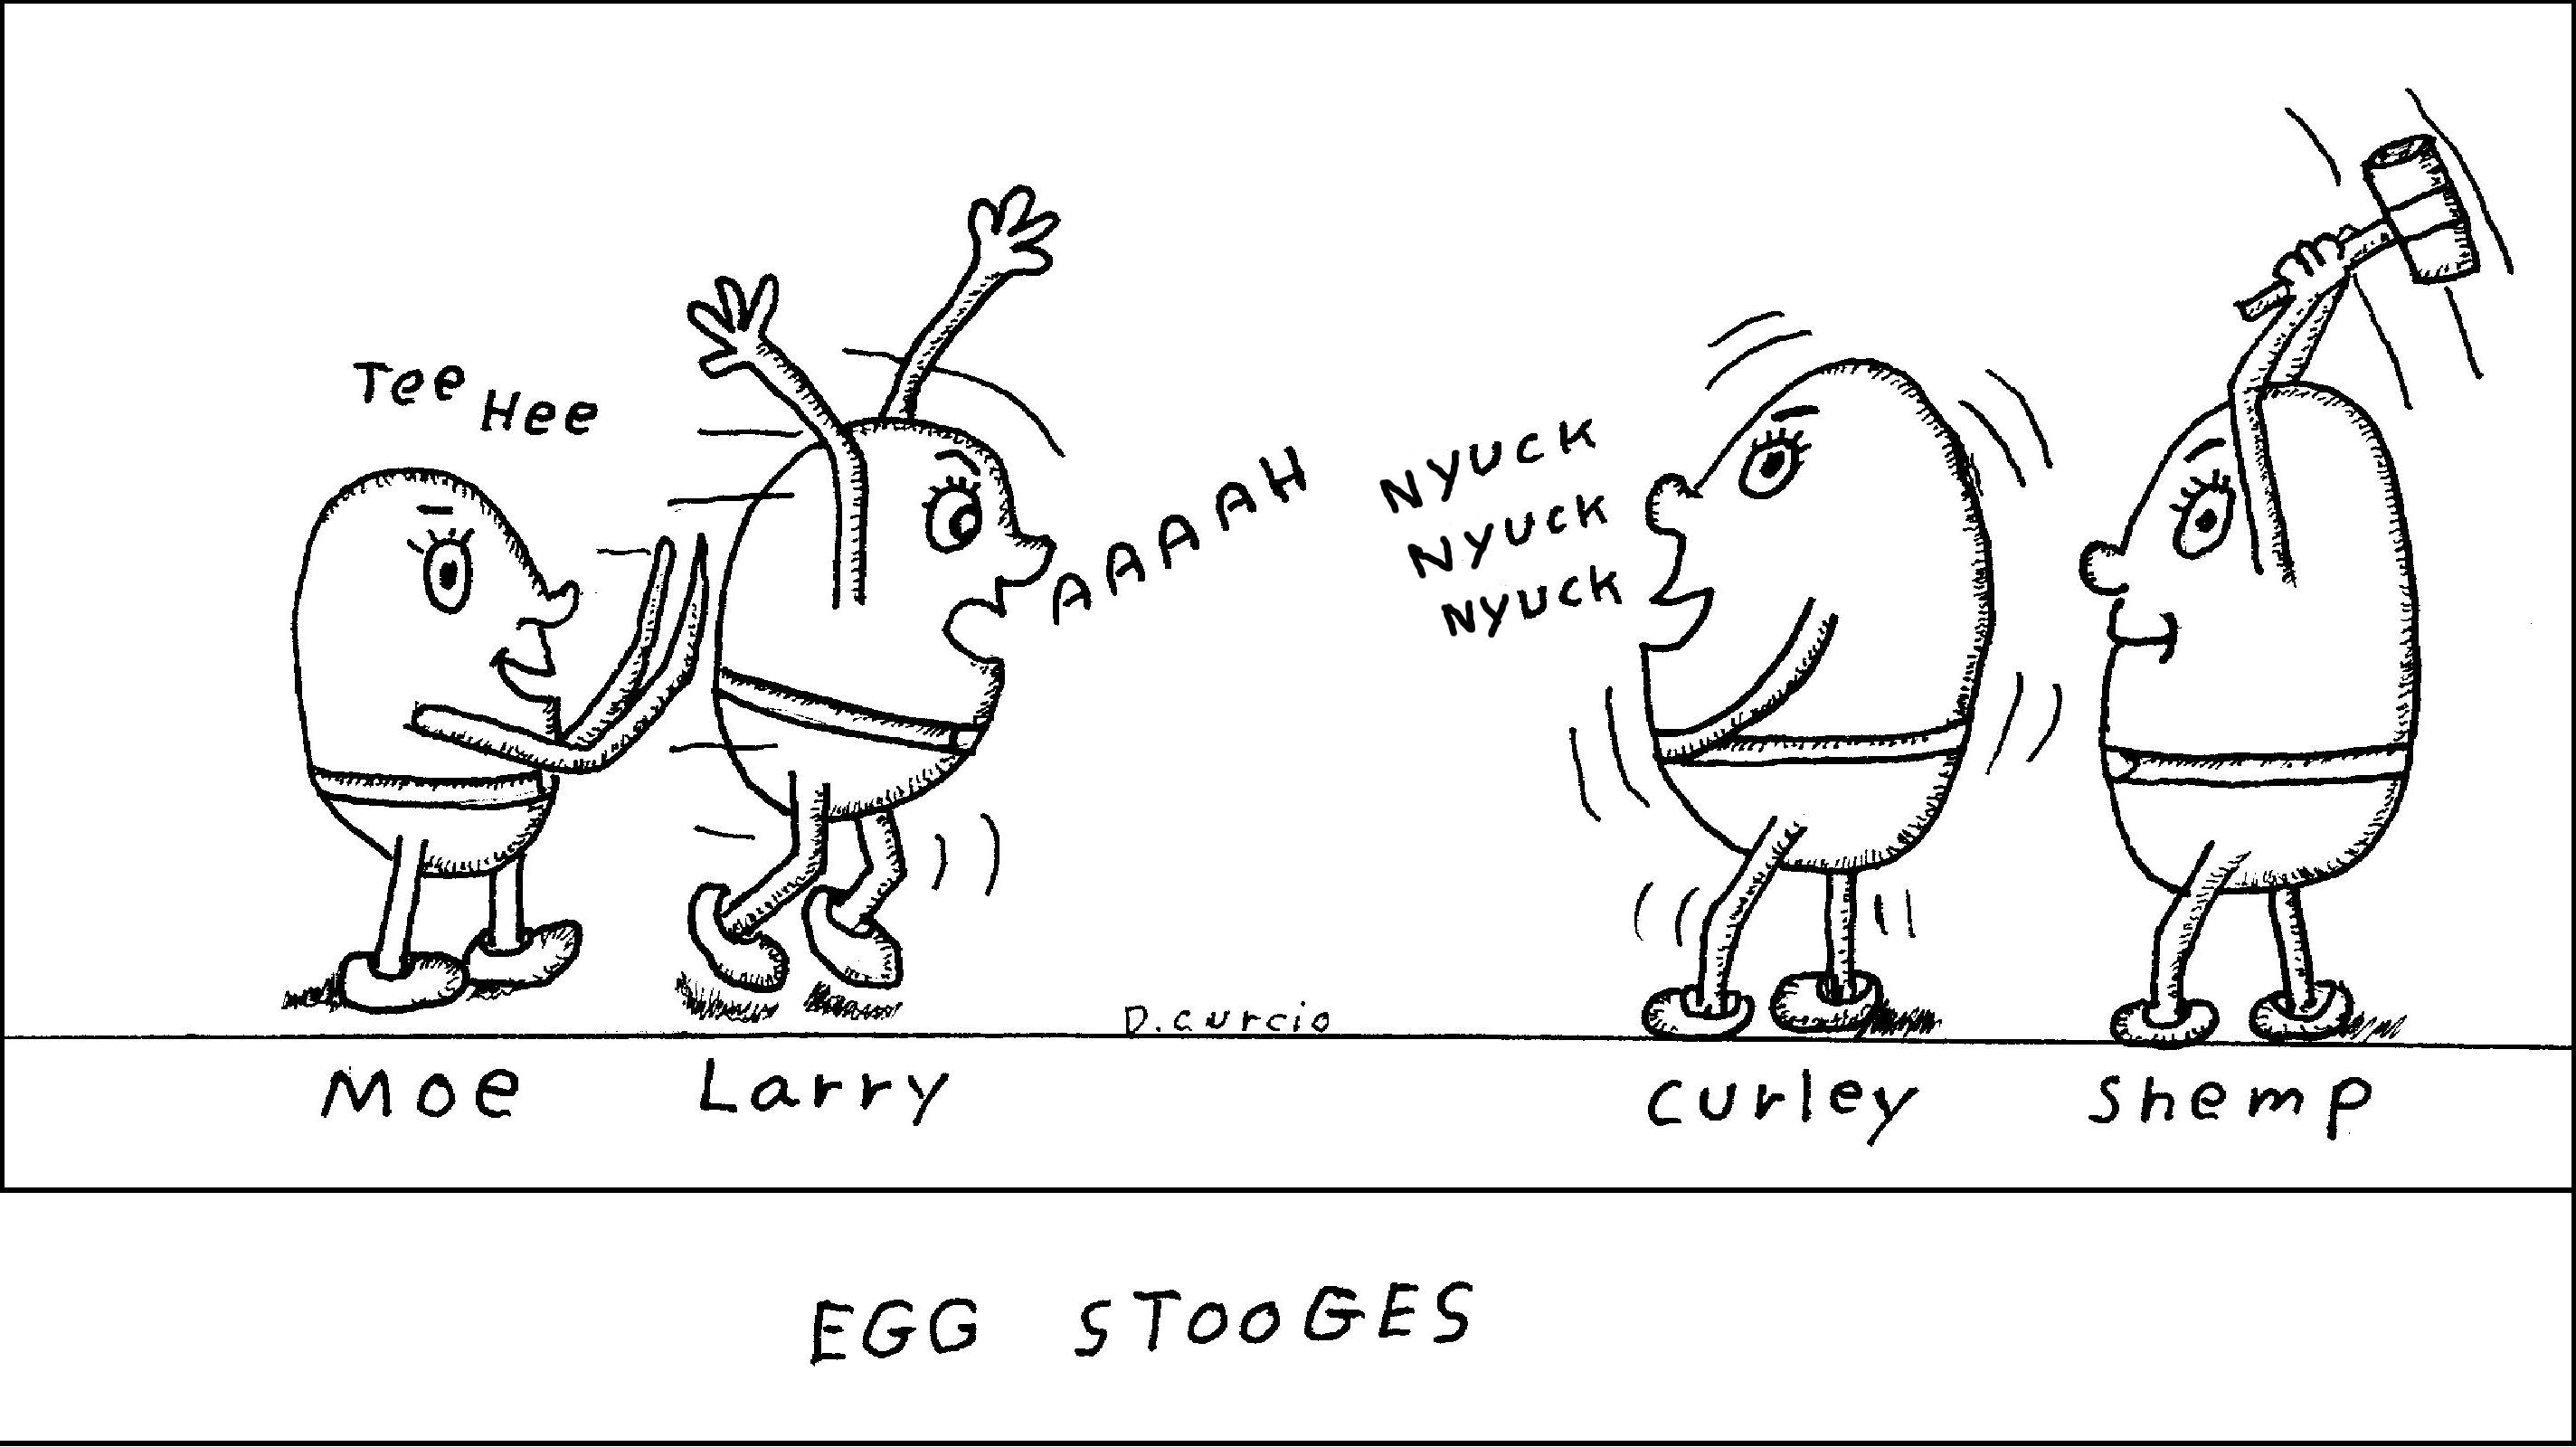 Egg Stooges